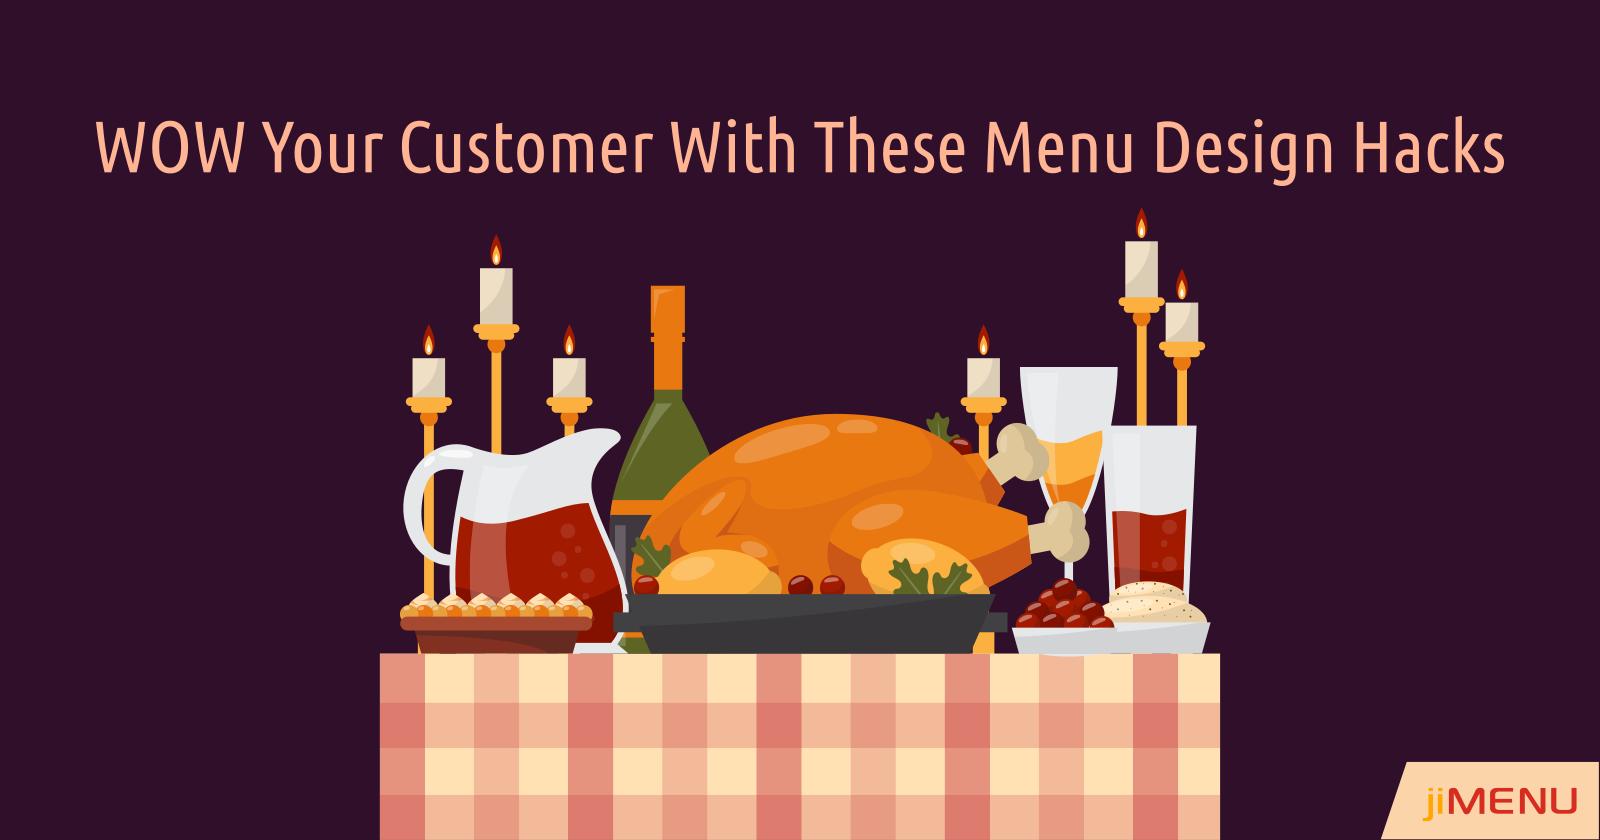 Top Menu Design Tips to Create a Great Menu